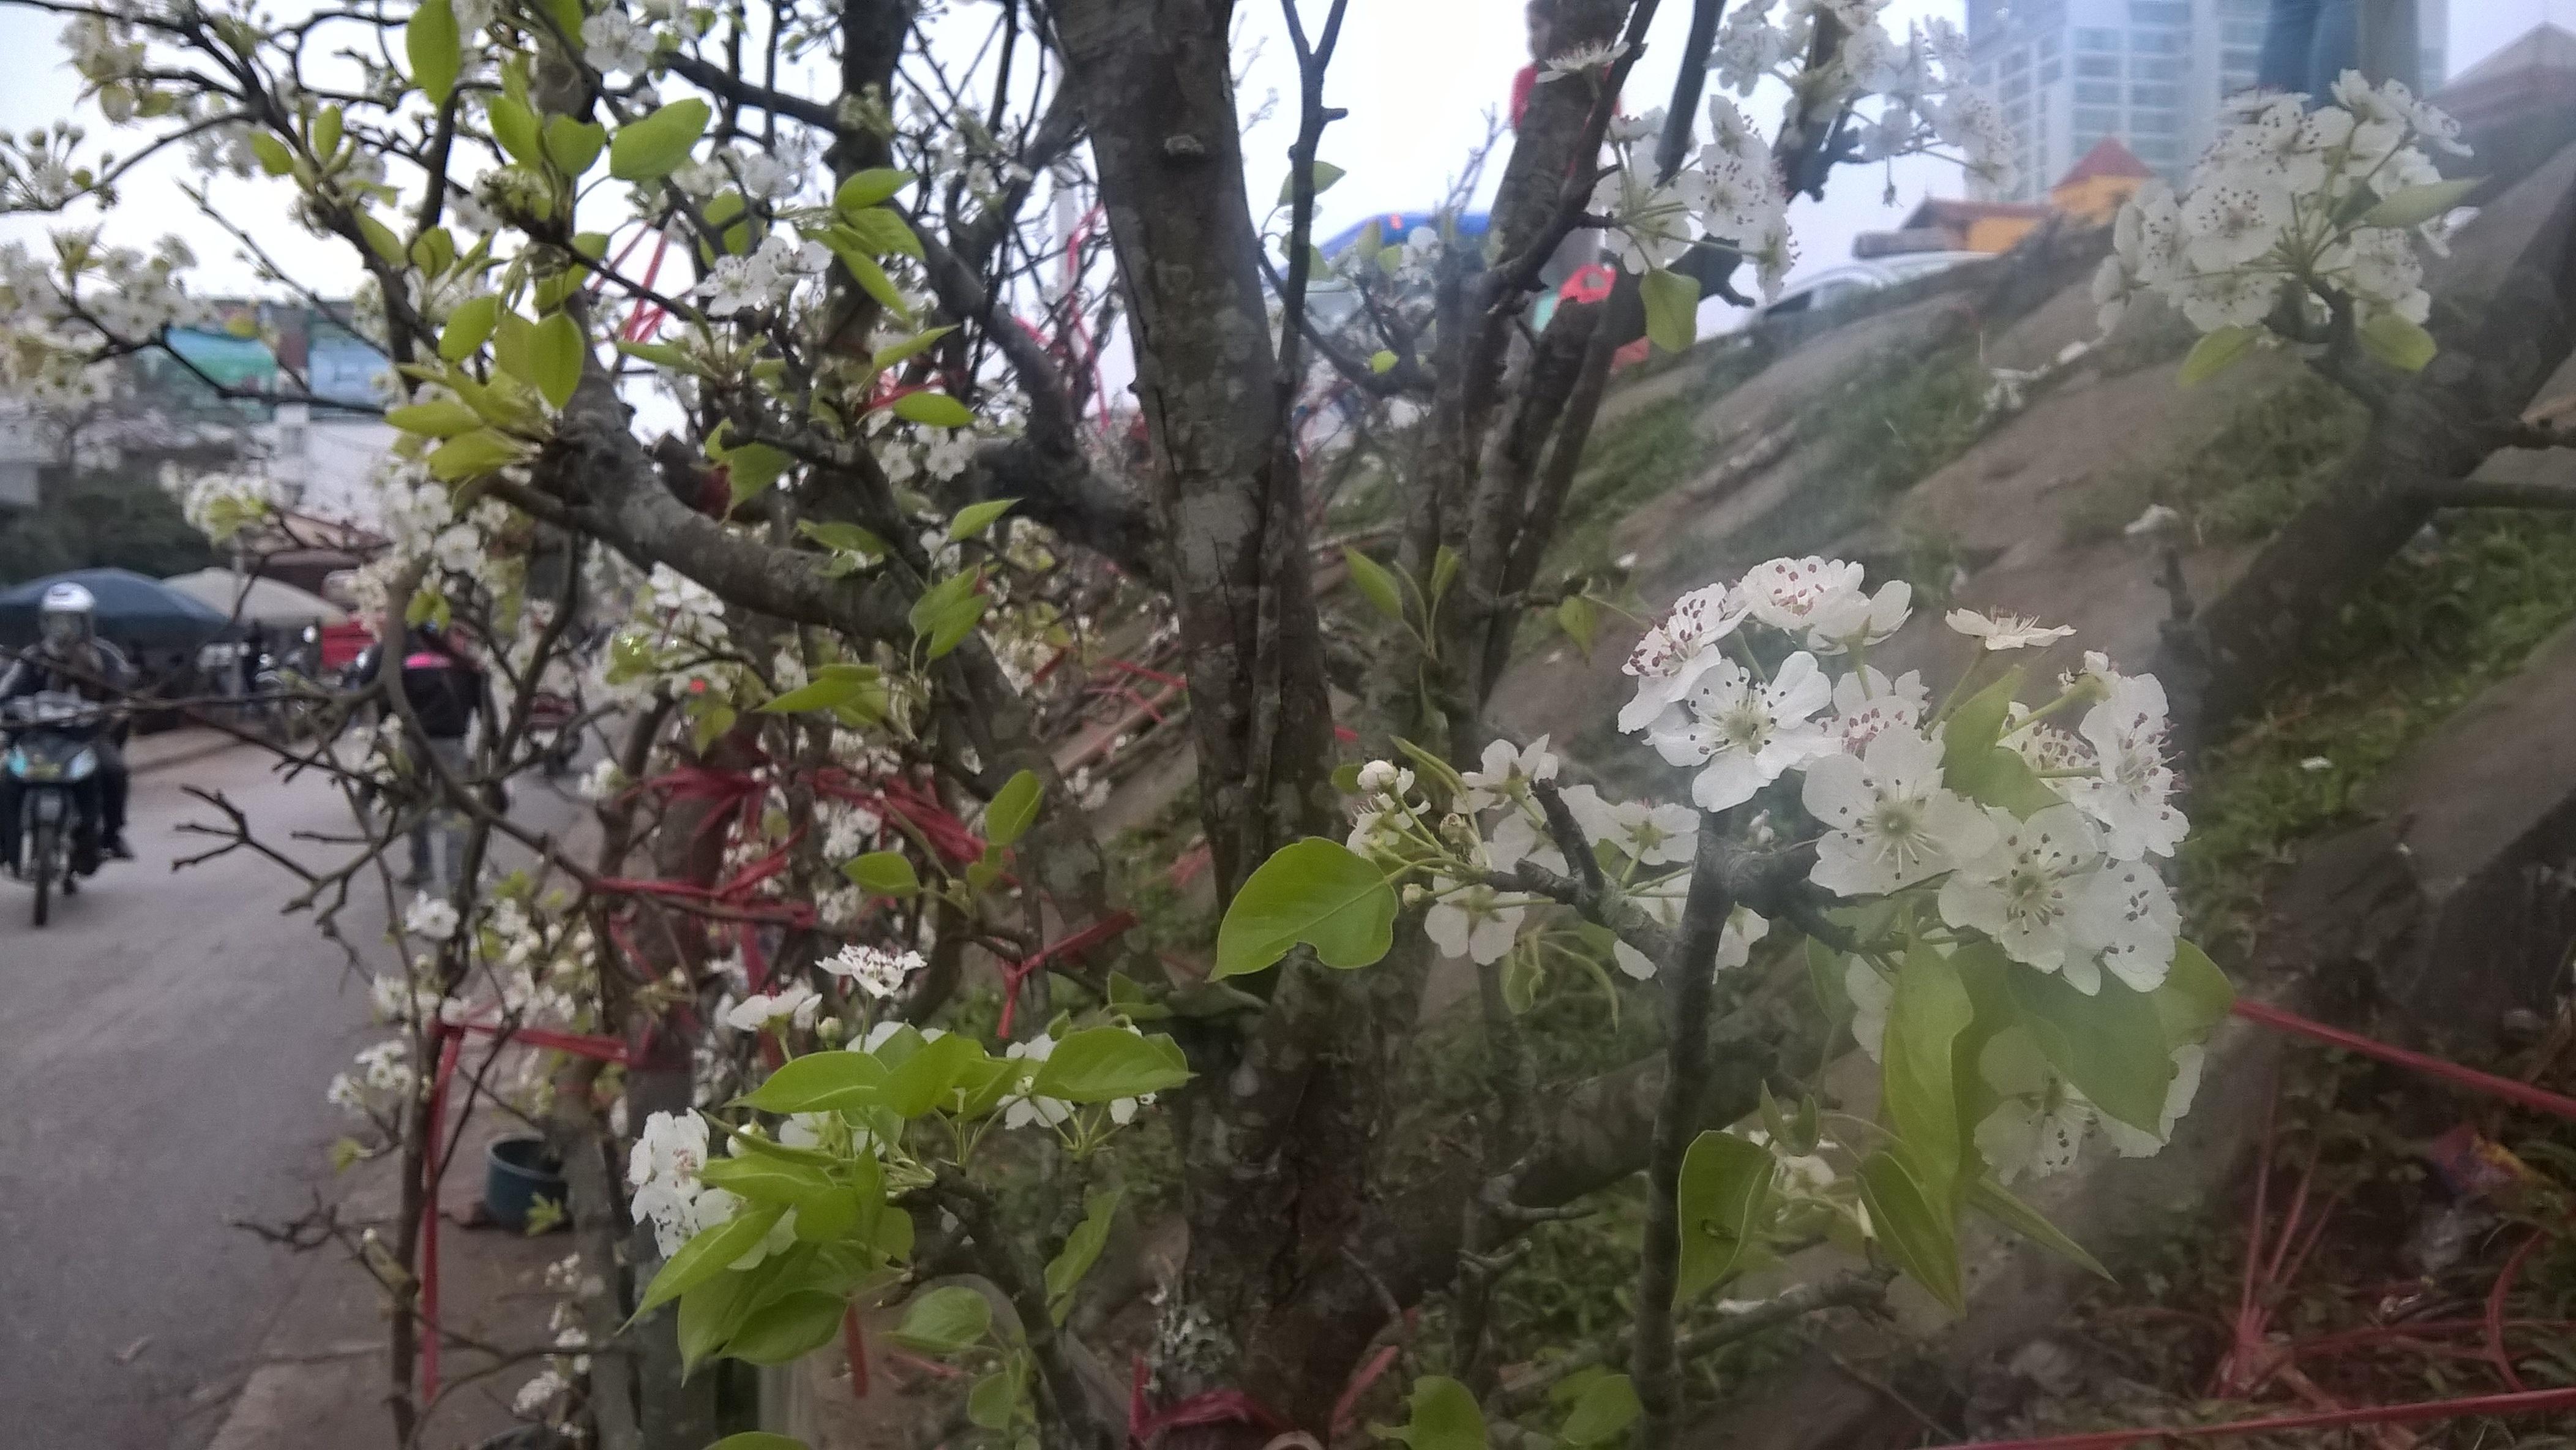 Những cành lê rừng to giá 5 triệu đồng, chủ hàng giao cây tại nhà. Loại hoa này được cho là sẽ chơi được ít nhất 2 tuần lễ từ khi chớm nở.